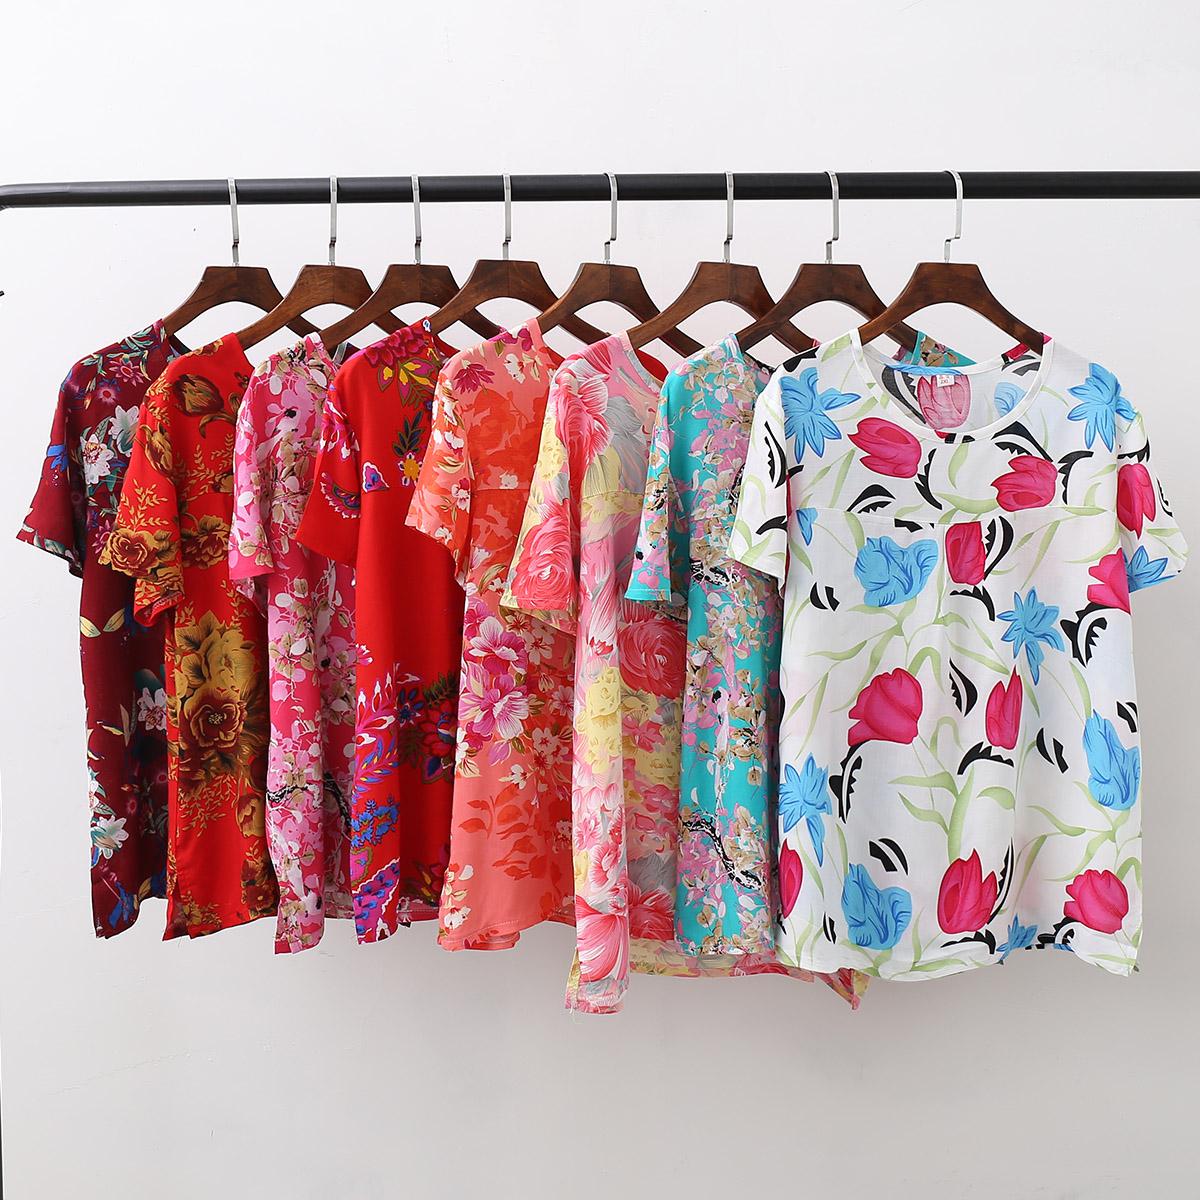 夏中老年女士人造棉单件上衣棉绸短袖宽松大码妈妈睡衣家居服包邮